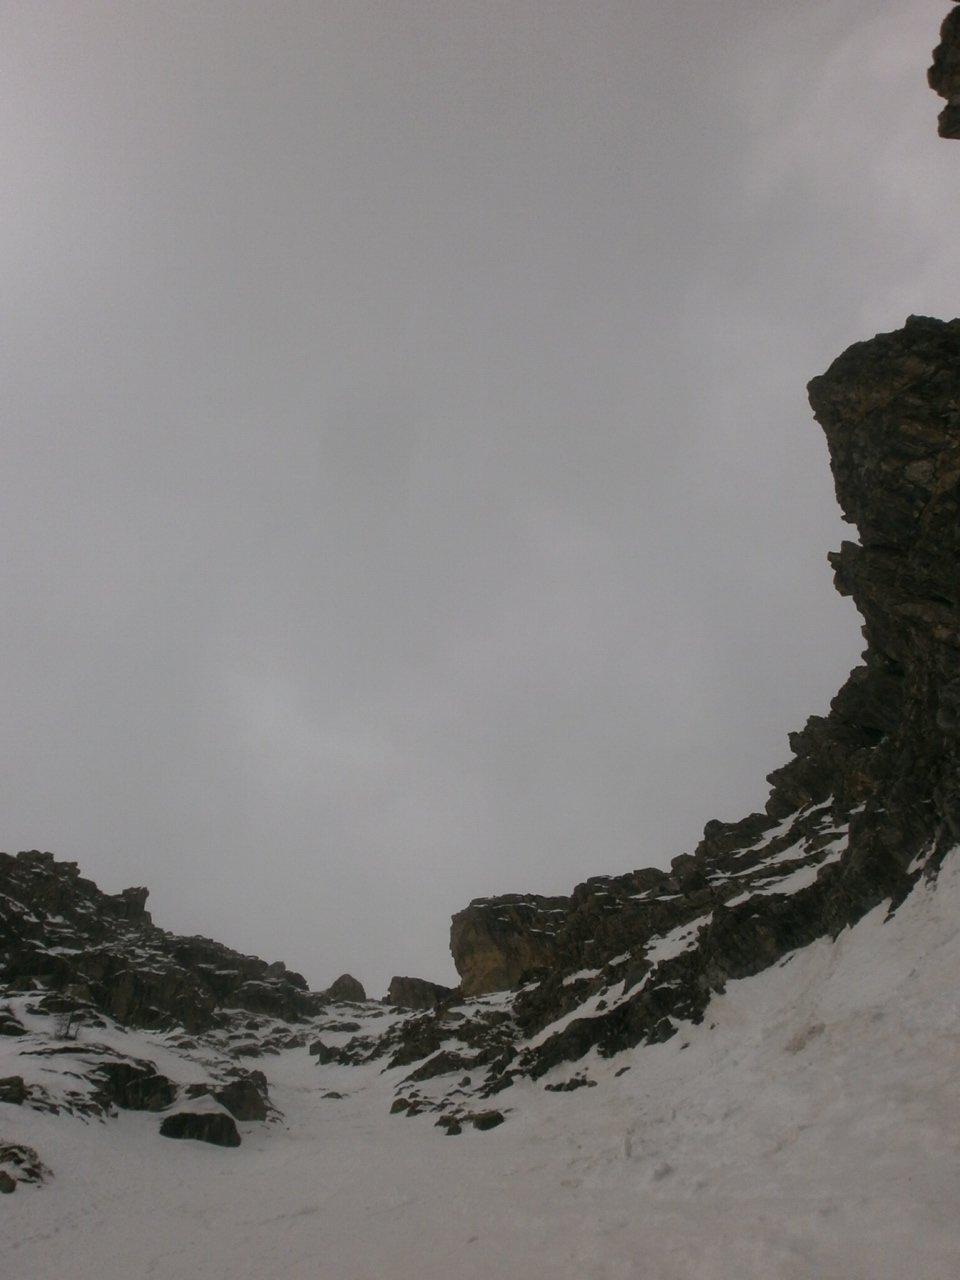 quasi al traverso per superare la barra di rocce